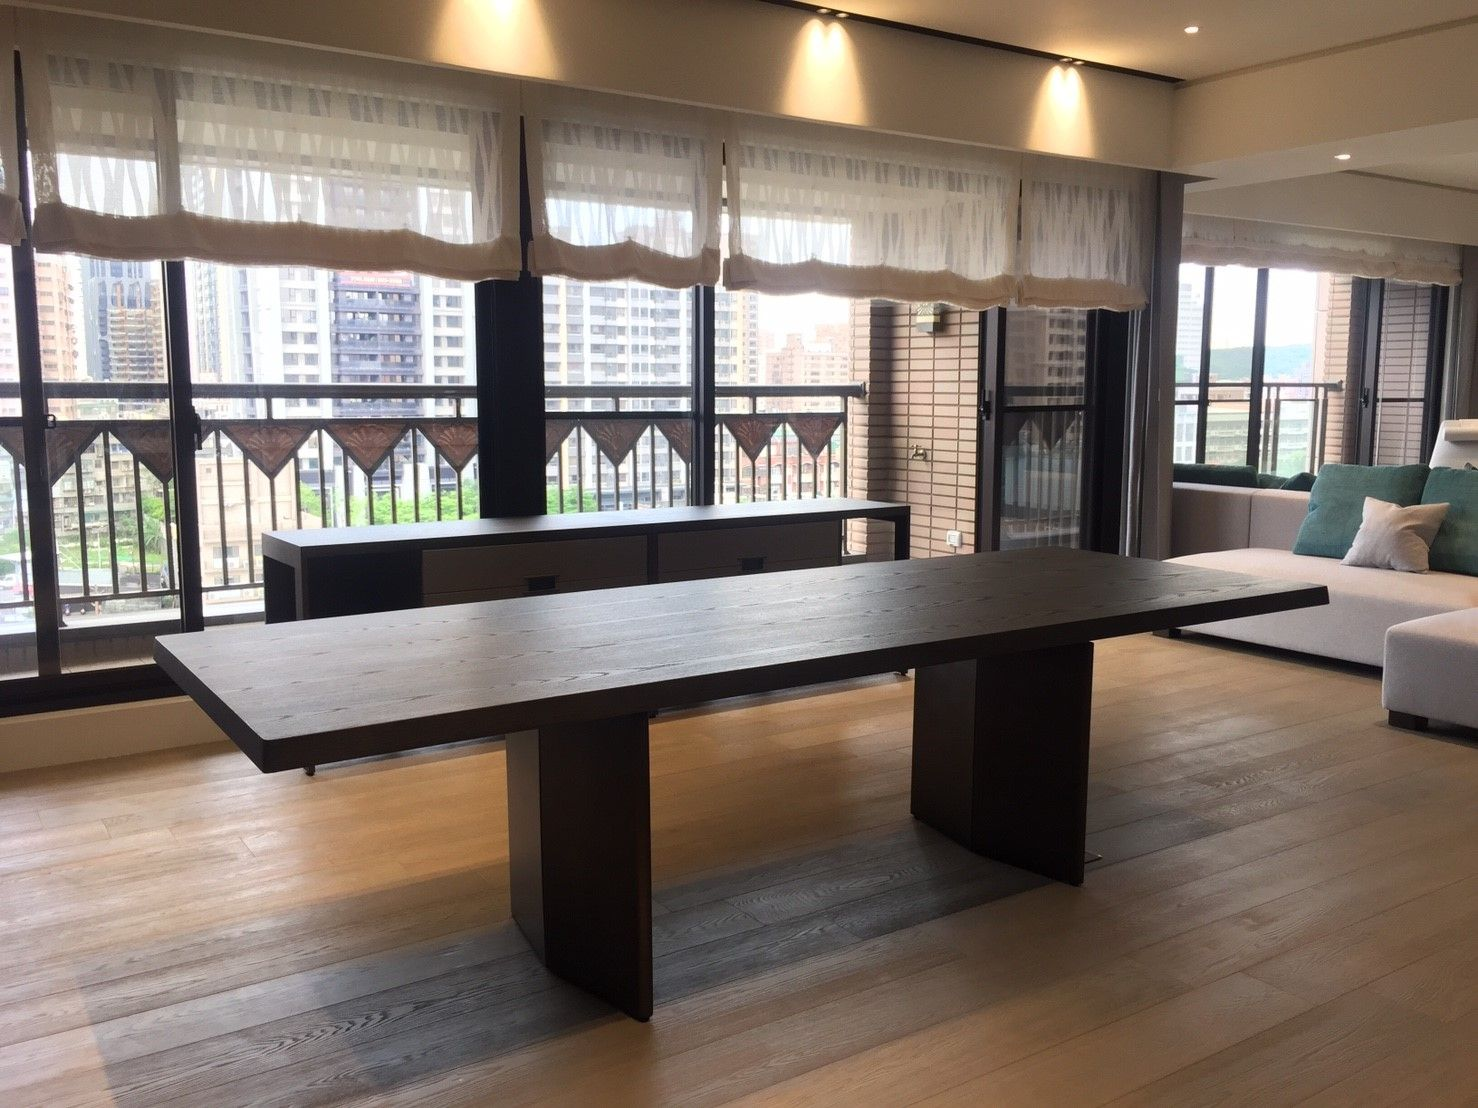 Customized furniture hangoutinterior yuelong villa